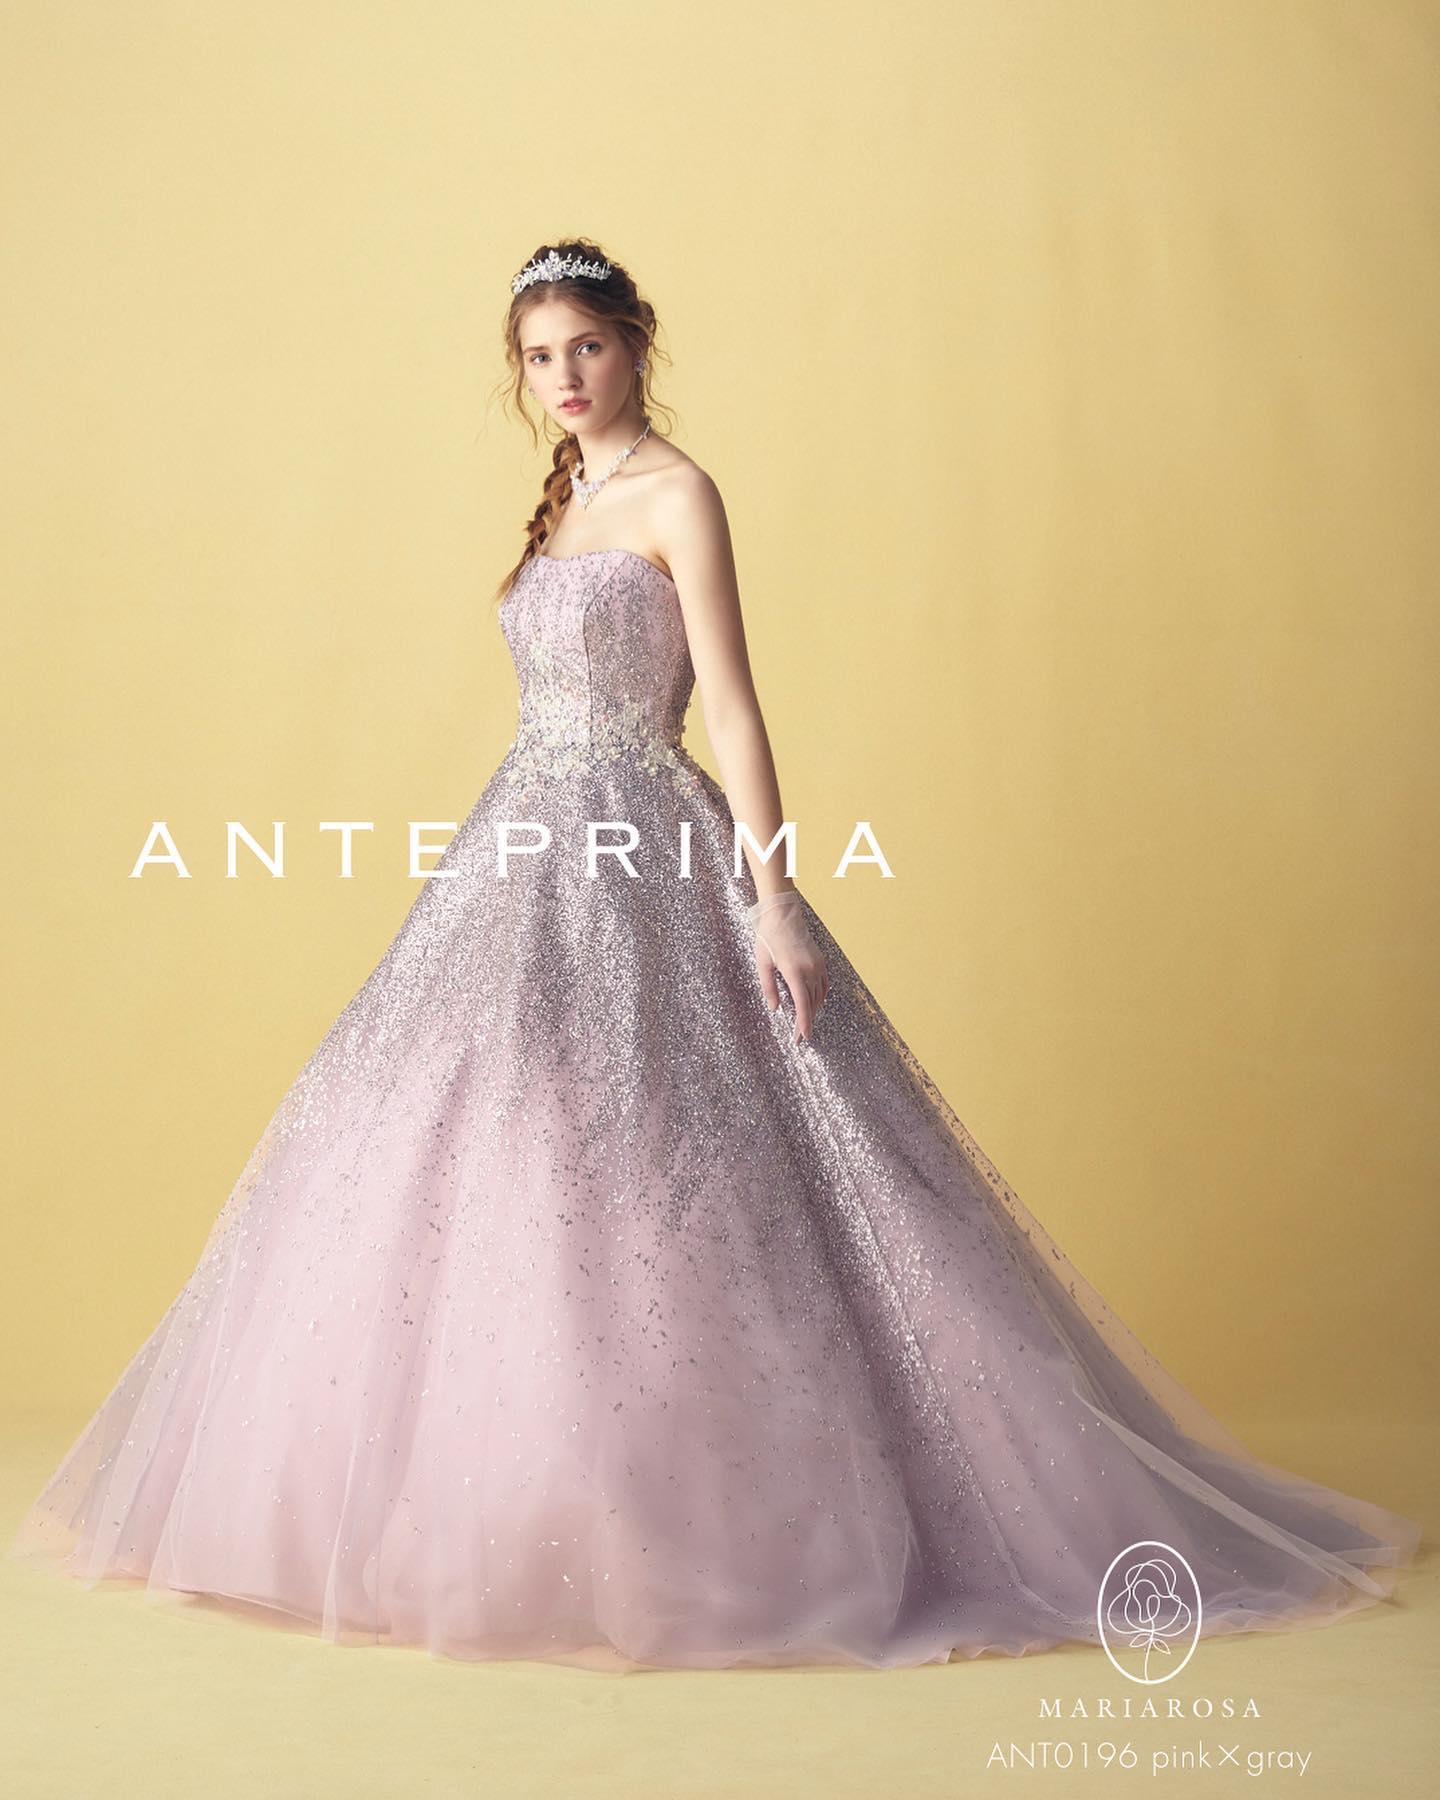 ・本日も大人気のアンテプリマのカラードレスのご紹介・スペシャルな一日を演出する極上のグリッタードレス・美しいシルエットで上品でエレガントな一着ヨークを外してすっきりシンプルにアレンジもできますグレイッシュピンクで大人可愛いスタイリングはいかがでしょうか・ANTEPREMA(アンテプリマ)ANT0196CD0564レンタル料金¥220,000・#wedding #weddingdress #bridalhiro #kiyokohata #anteprema#ウェディングドレス #プレ花嫁 #ドレス試着 #2021夏婚 #2021冬婚 #ヘアメイク #結婚式  #ドレス選び #前撮り #フォトウェディング #ウェディングヘア  #フォト婚 #前撮り写真 #ブライダルフォト #ウェディングドレス探し #ウェディングドレス試着 #レンタルドレス #ドレスショップ #ブライダルヒロ #ゼクシィ #プリンセスライン #ドレス迷子 #キヨコハタ #キヨコハタドレス #アンテプリマ